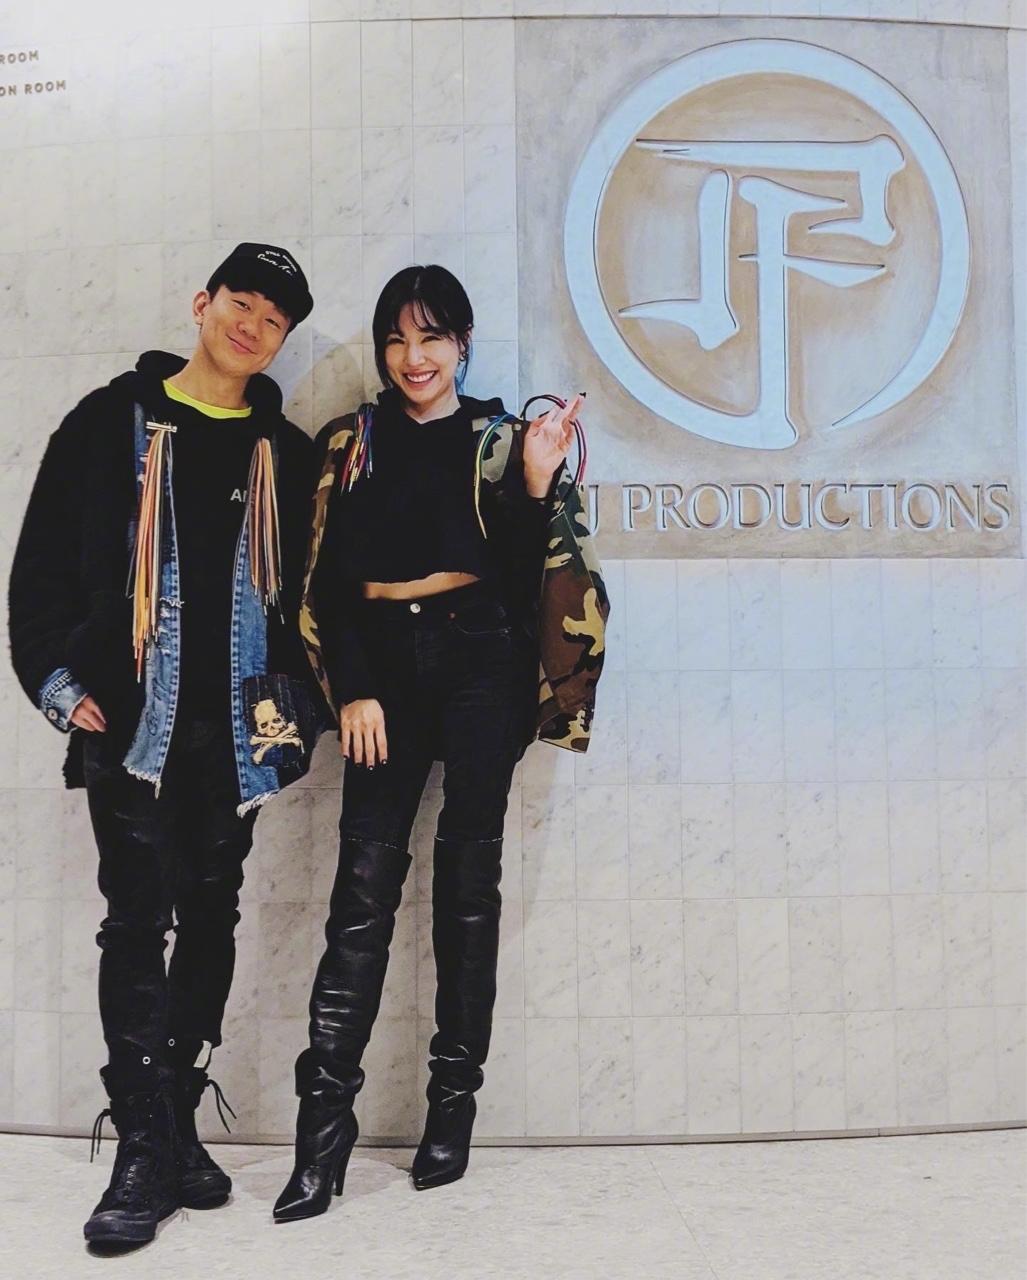 歡迎來到JFJ聖所! Tiffany 來到JFJ,交換時尚靈感!